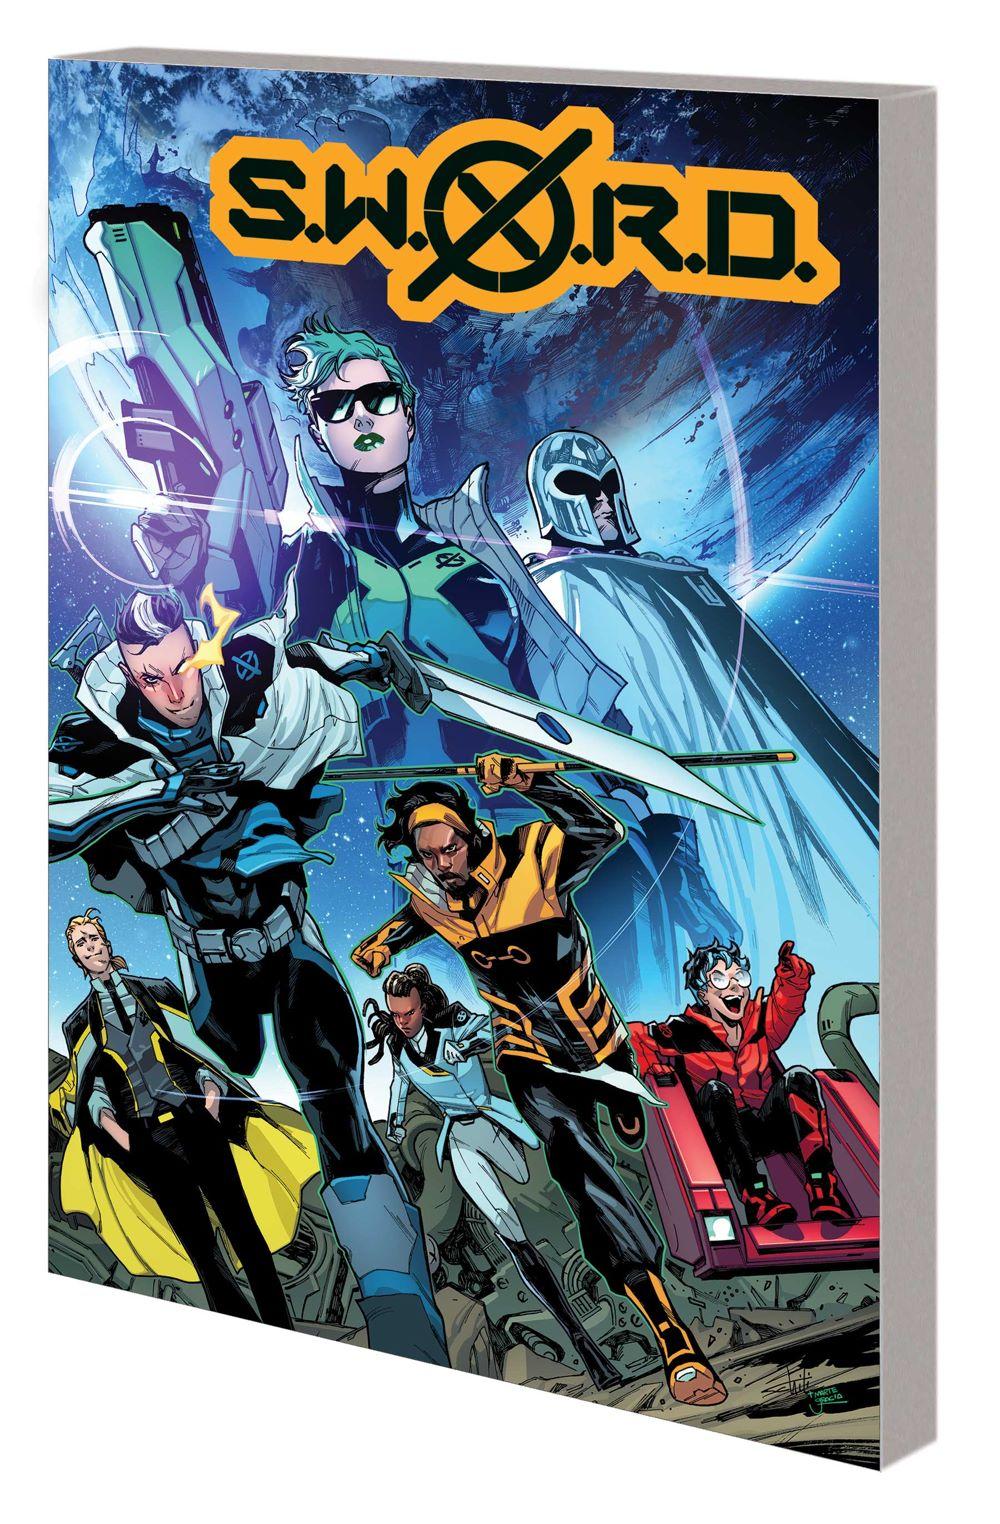 SWORD_VOL_1_TPB Marvel Comics August 2021 Solicitations